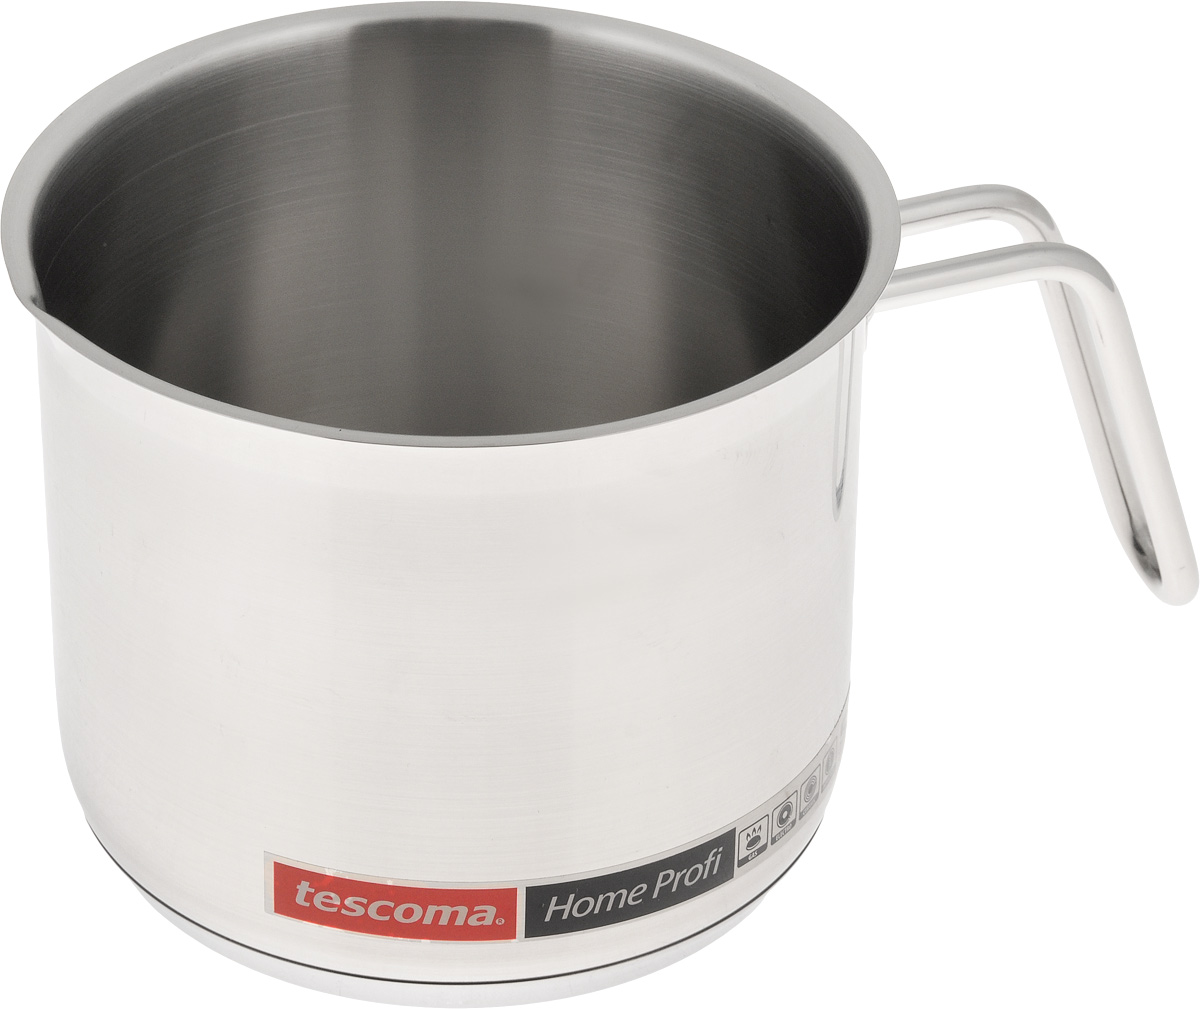 Ковш для молока Tescoma Home Profi, 1,8л68/5/4Ковш Tescoma Home Profi, изготовленный из первоклассной нержавеющей стали 18/10 с матовой полировкой, идеально подходит для кипячения молока, приготовления соусов и горячего шоколада.В таком ковше продукты не липнут к стенкам, равномерно приготавливаются, сохраняя все полезные микроэлементы. Тепло с плиты передается внутрь посуды постепенно, без скачков и равномерно по целой площади дна. Ковш снабжен массивной, и, вместе с тем, удобной рукояткой из нержавеющей стали, которая принимает на себя очень мало тепла. Массивное трехслойное термораспределительное дно способствует равномерному и быстрому нагреву, а также препятствует деформации ковша при длительном использовании.Подходит для использования на газовых, электрических, стеклокерамических и индукционных плитах. Можно мыть с применением обычных моющих средств, избегая при этом использования агрессивных химических веществ, абразивных и острых предметов, проволочных губок.Внутренний диаметр ковша: 14 см.Ширина ковша (с учетом ручки): 20,5 см.Высота ковша: 12,5 см.